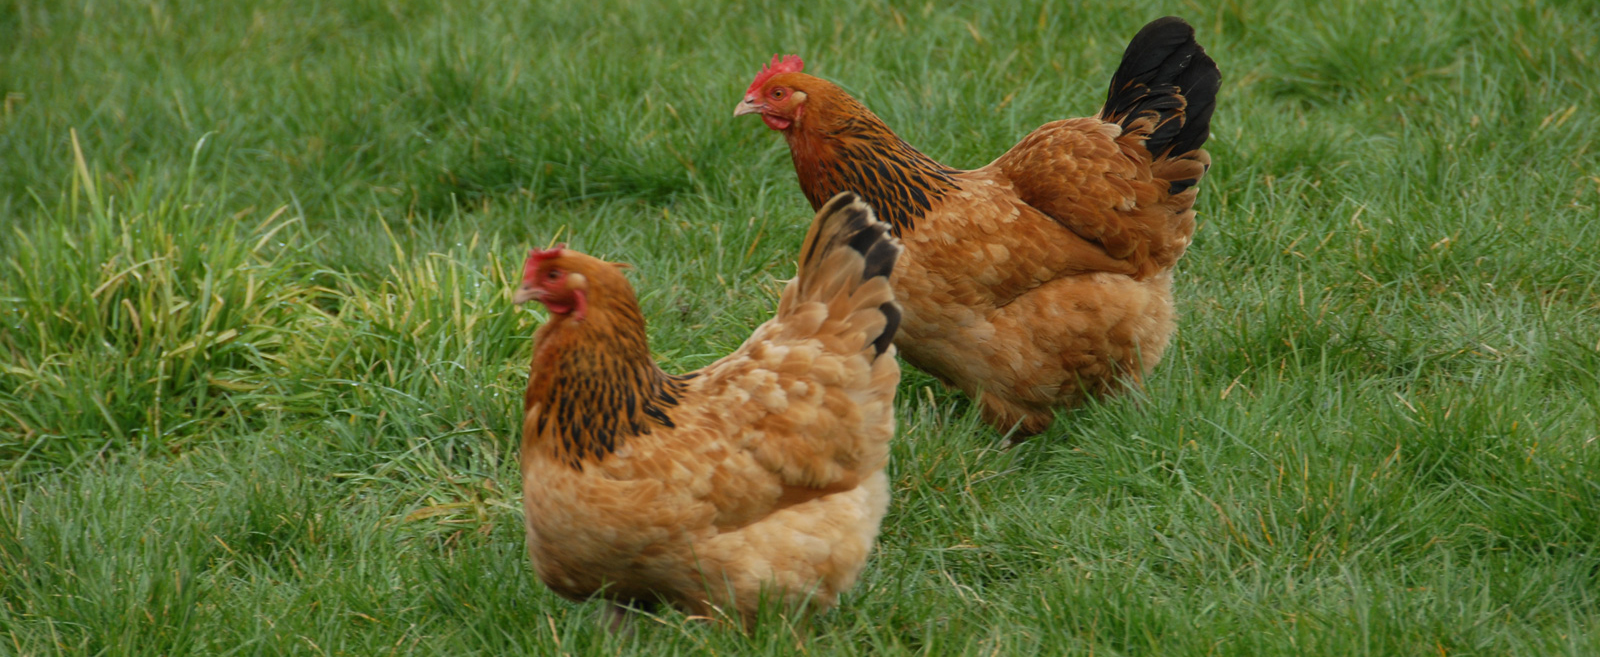 George's hens